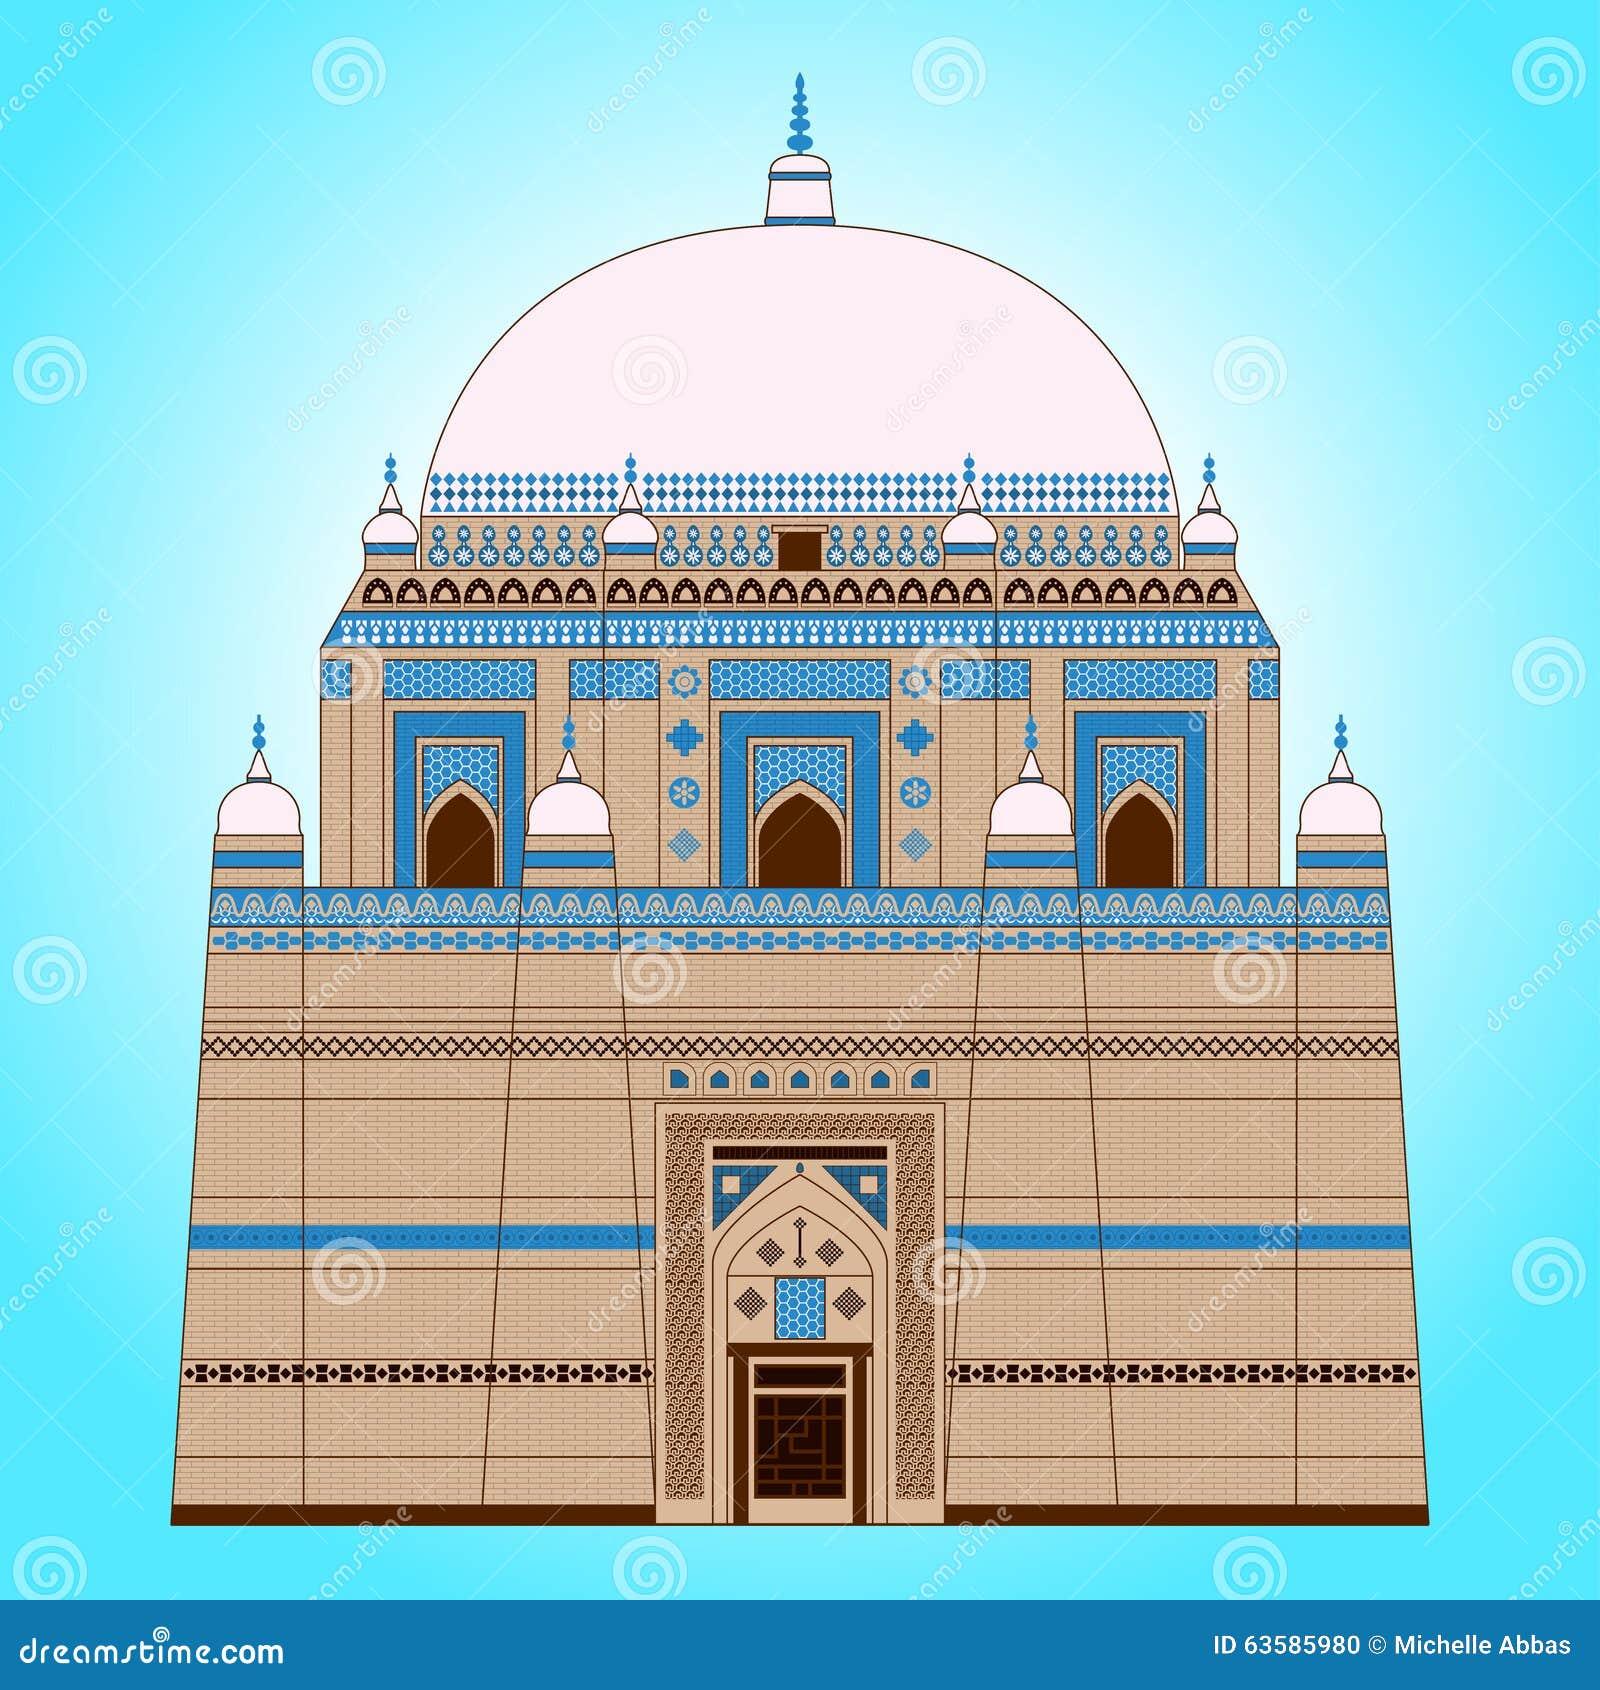 SchahRukn-e-Alam mausoleum